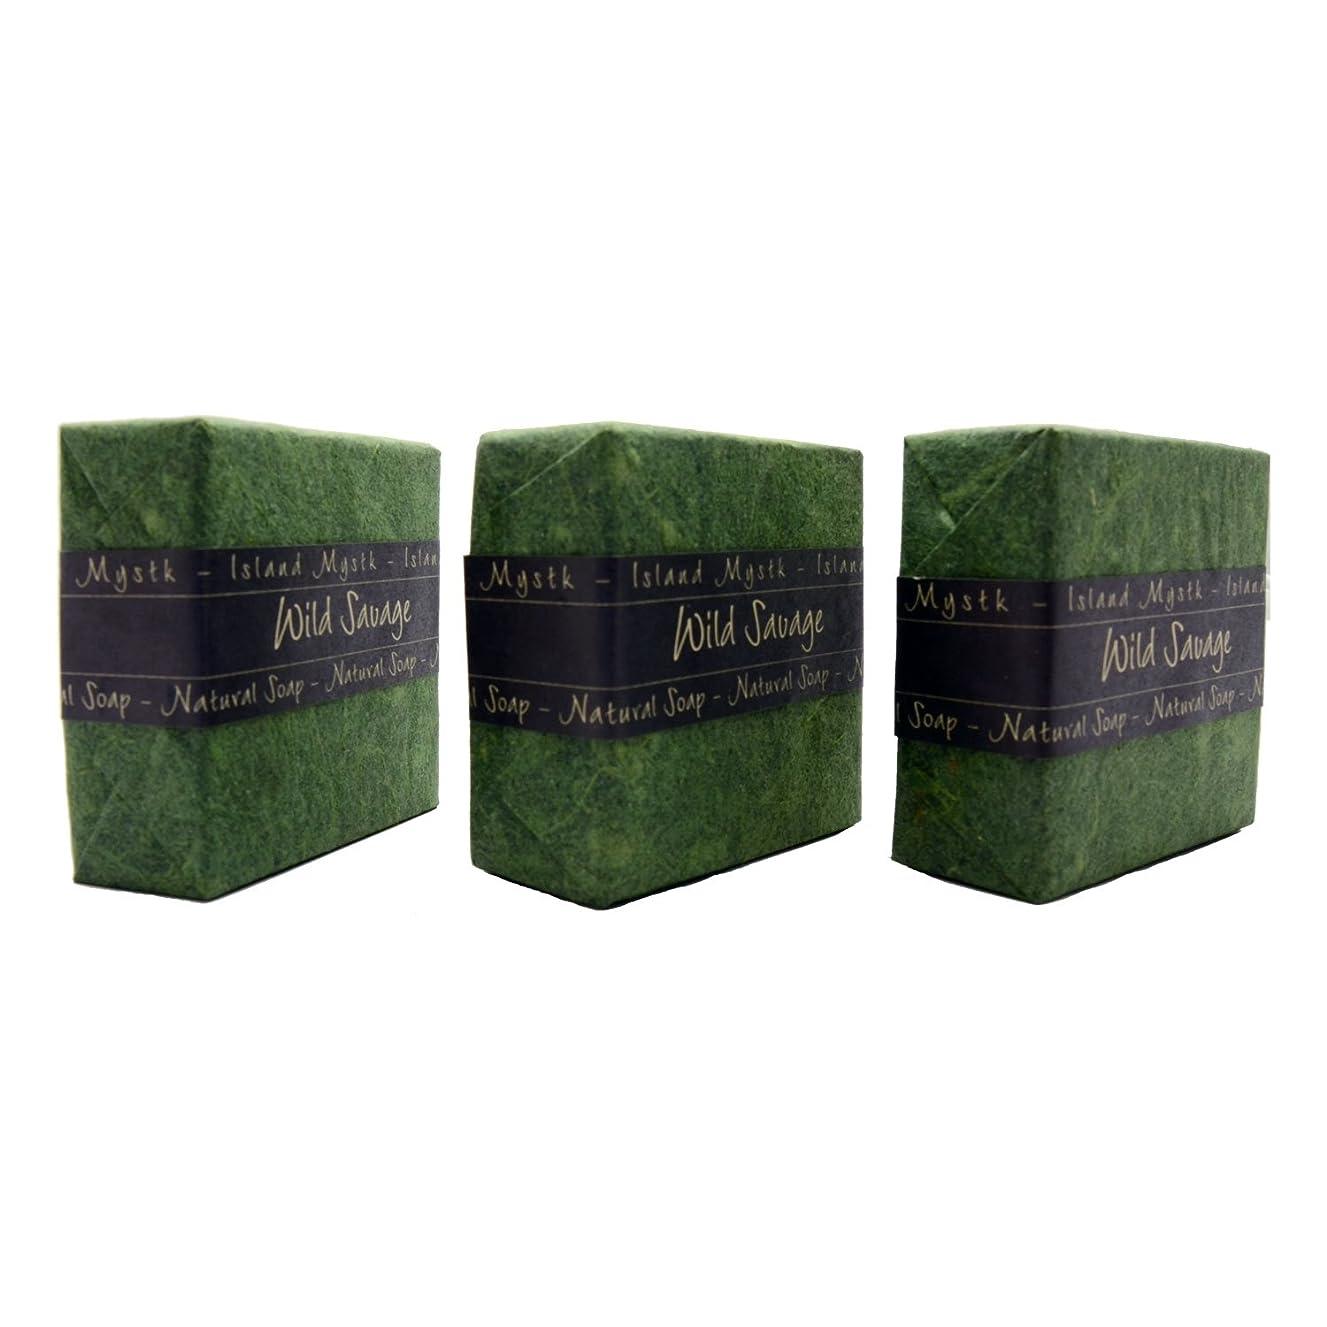 軽く保証冊子アイランドミスティック ワイルドサーヴェージ 3個セット 115g×3 ココナッツ石鹸 バリ島 Island Mystk 天然素材100% 無添加 オーガニック